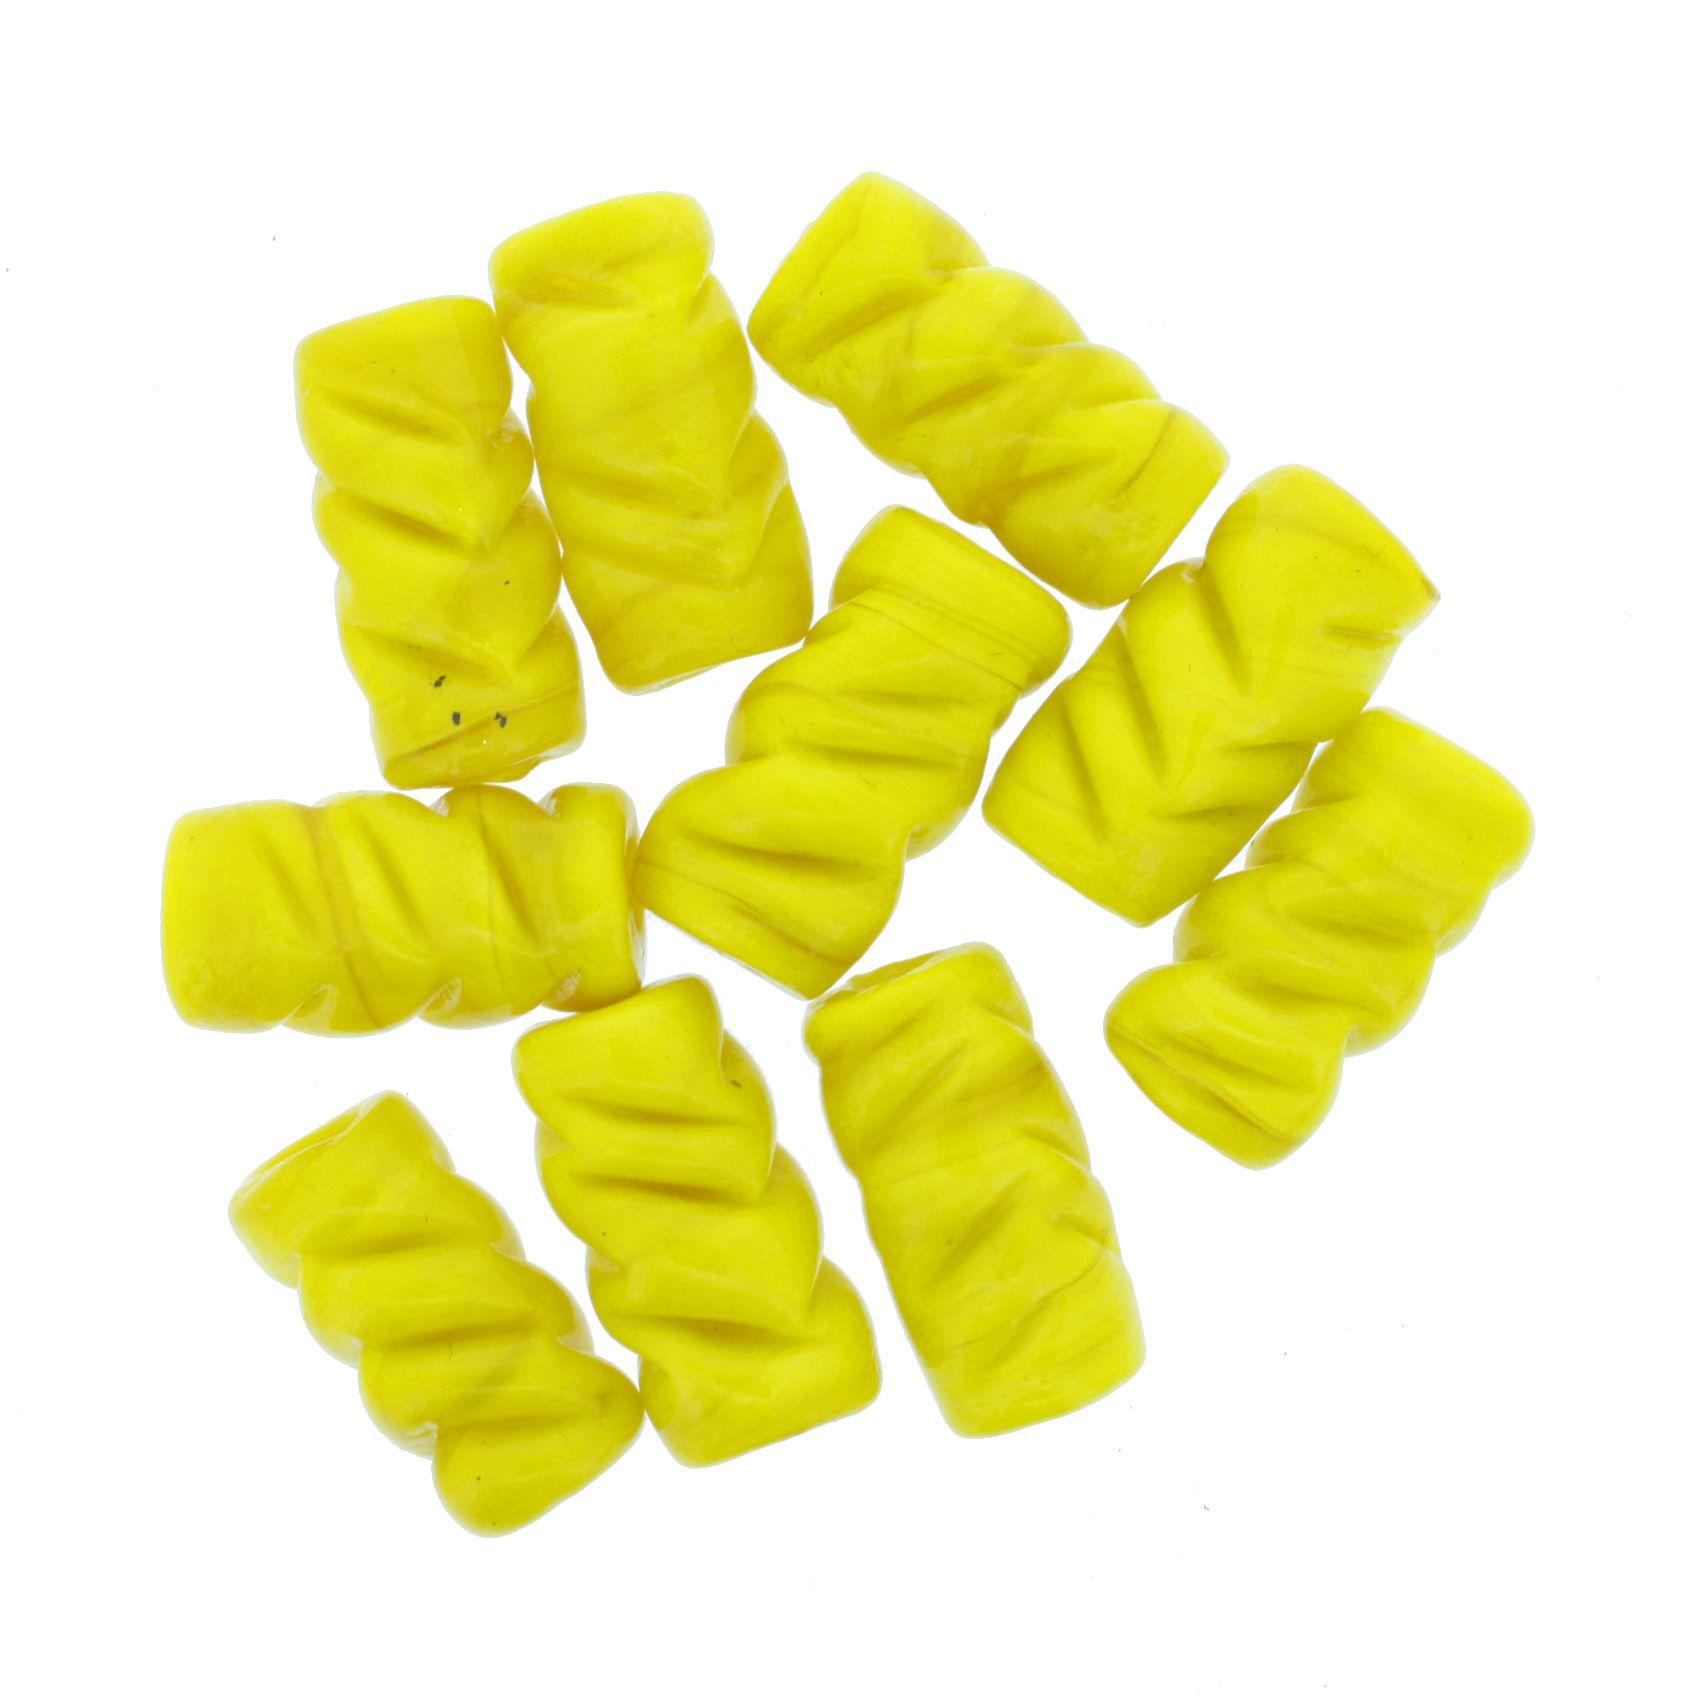 Firma Frisada - Amarela  - Stéphanie Bijoux® - Peças para Bijuterias e Artesanato